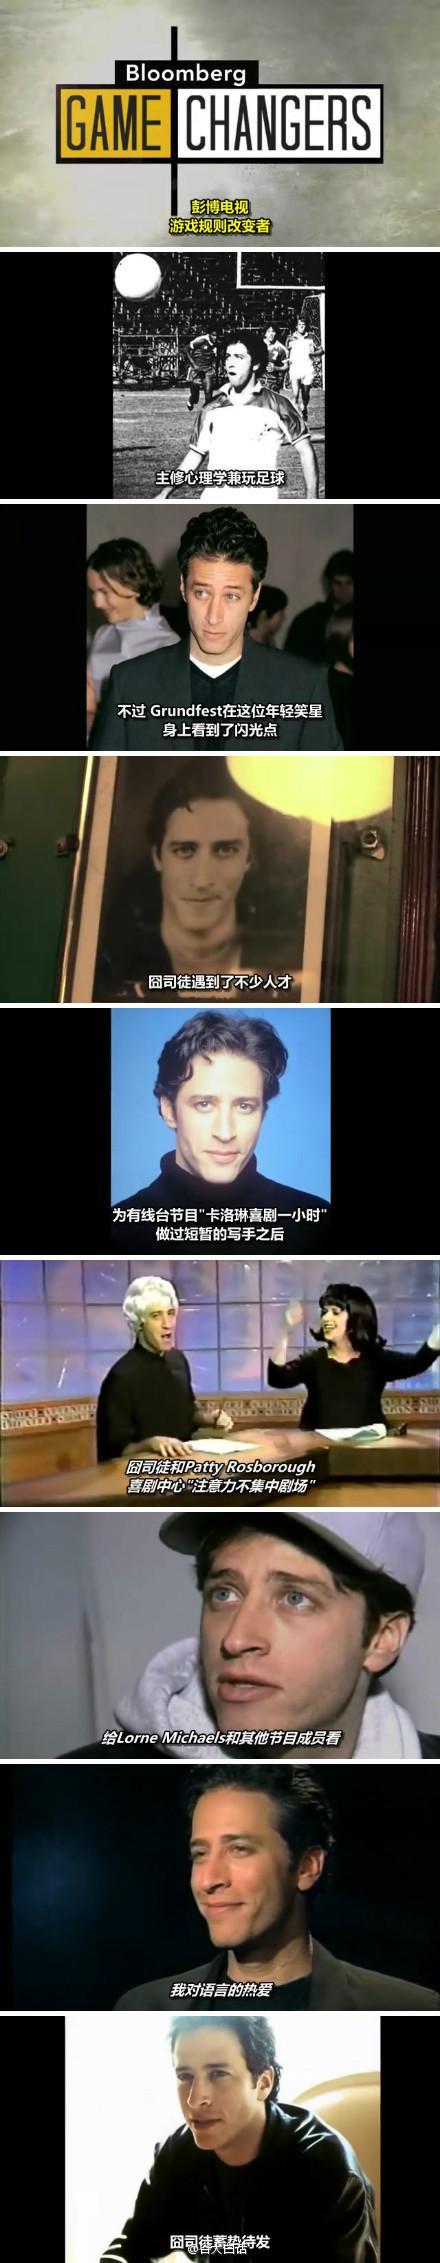 囧司徒传记特别节目 上部 屌丝奋斗史